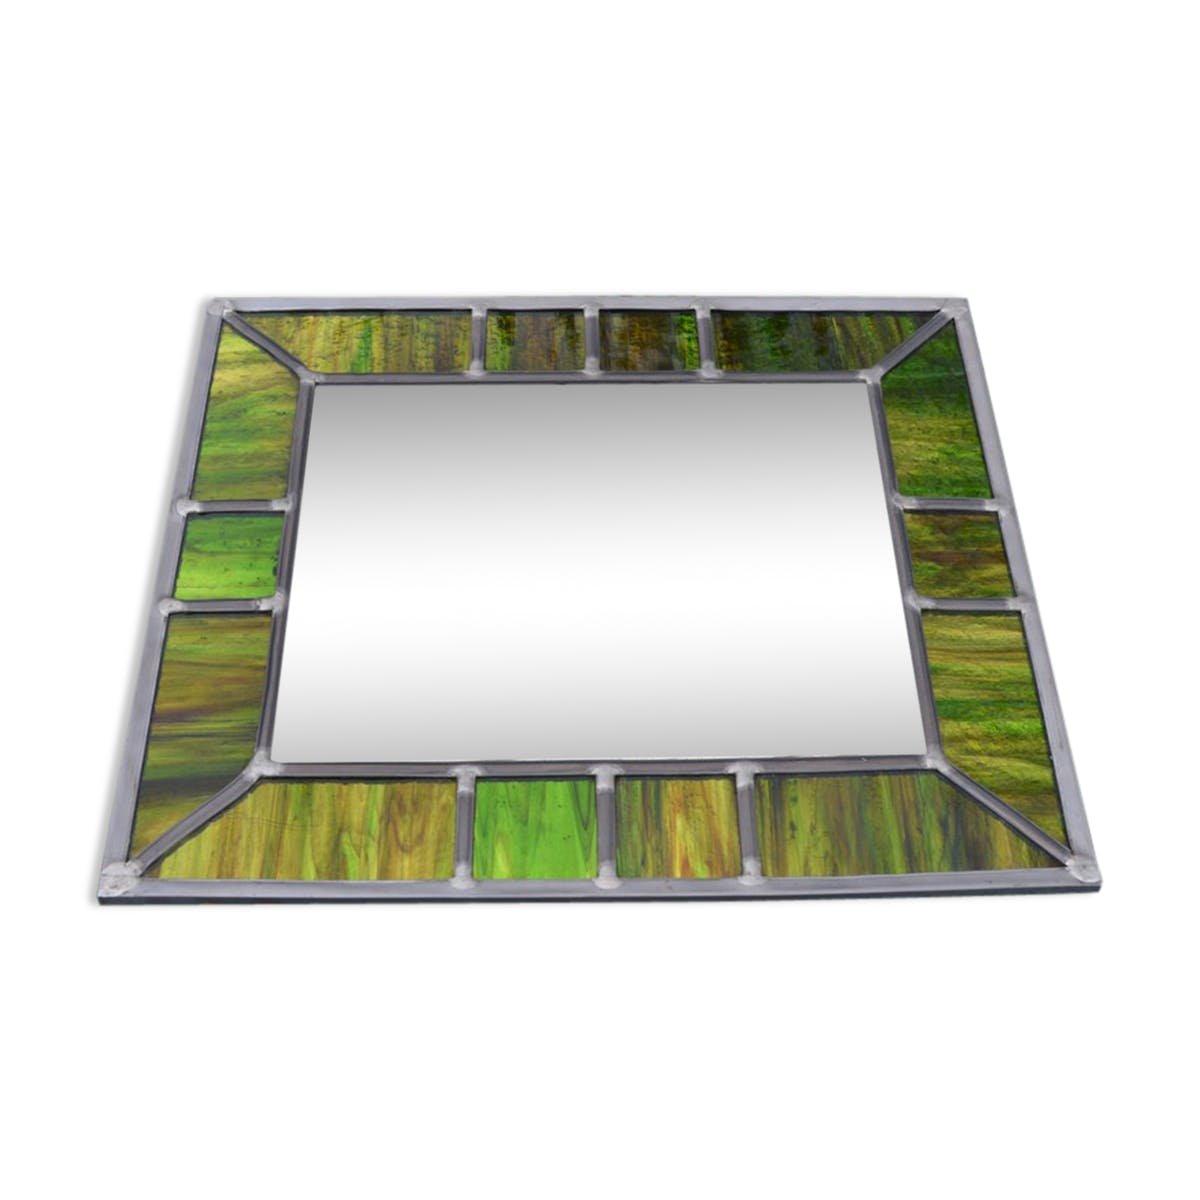 Espejo vintage con marco de vitral verde iridiscente en venta en Pamono